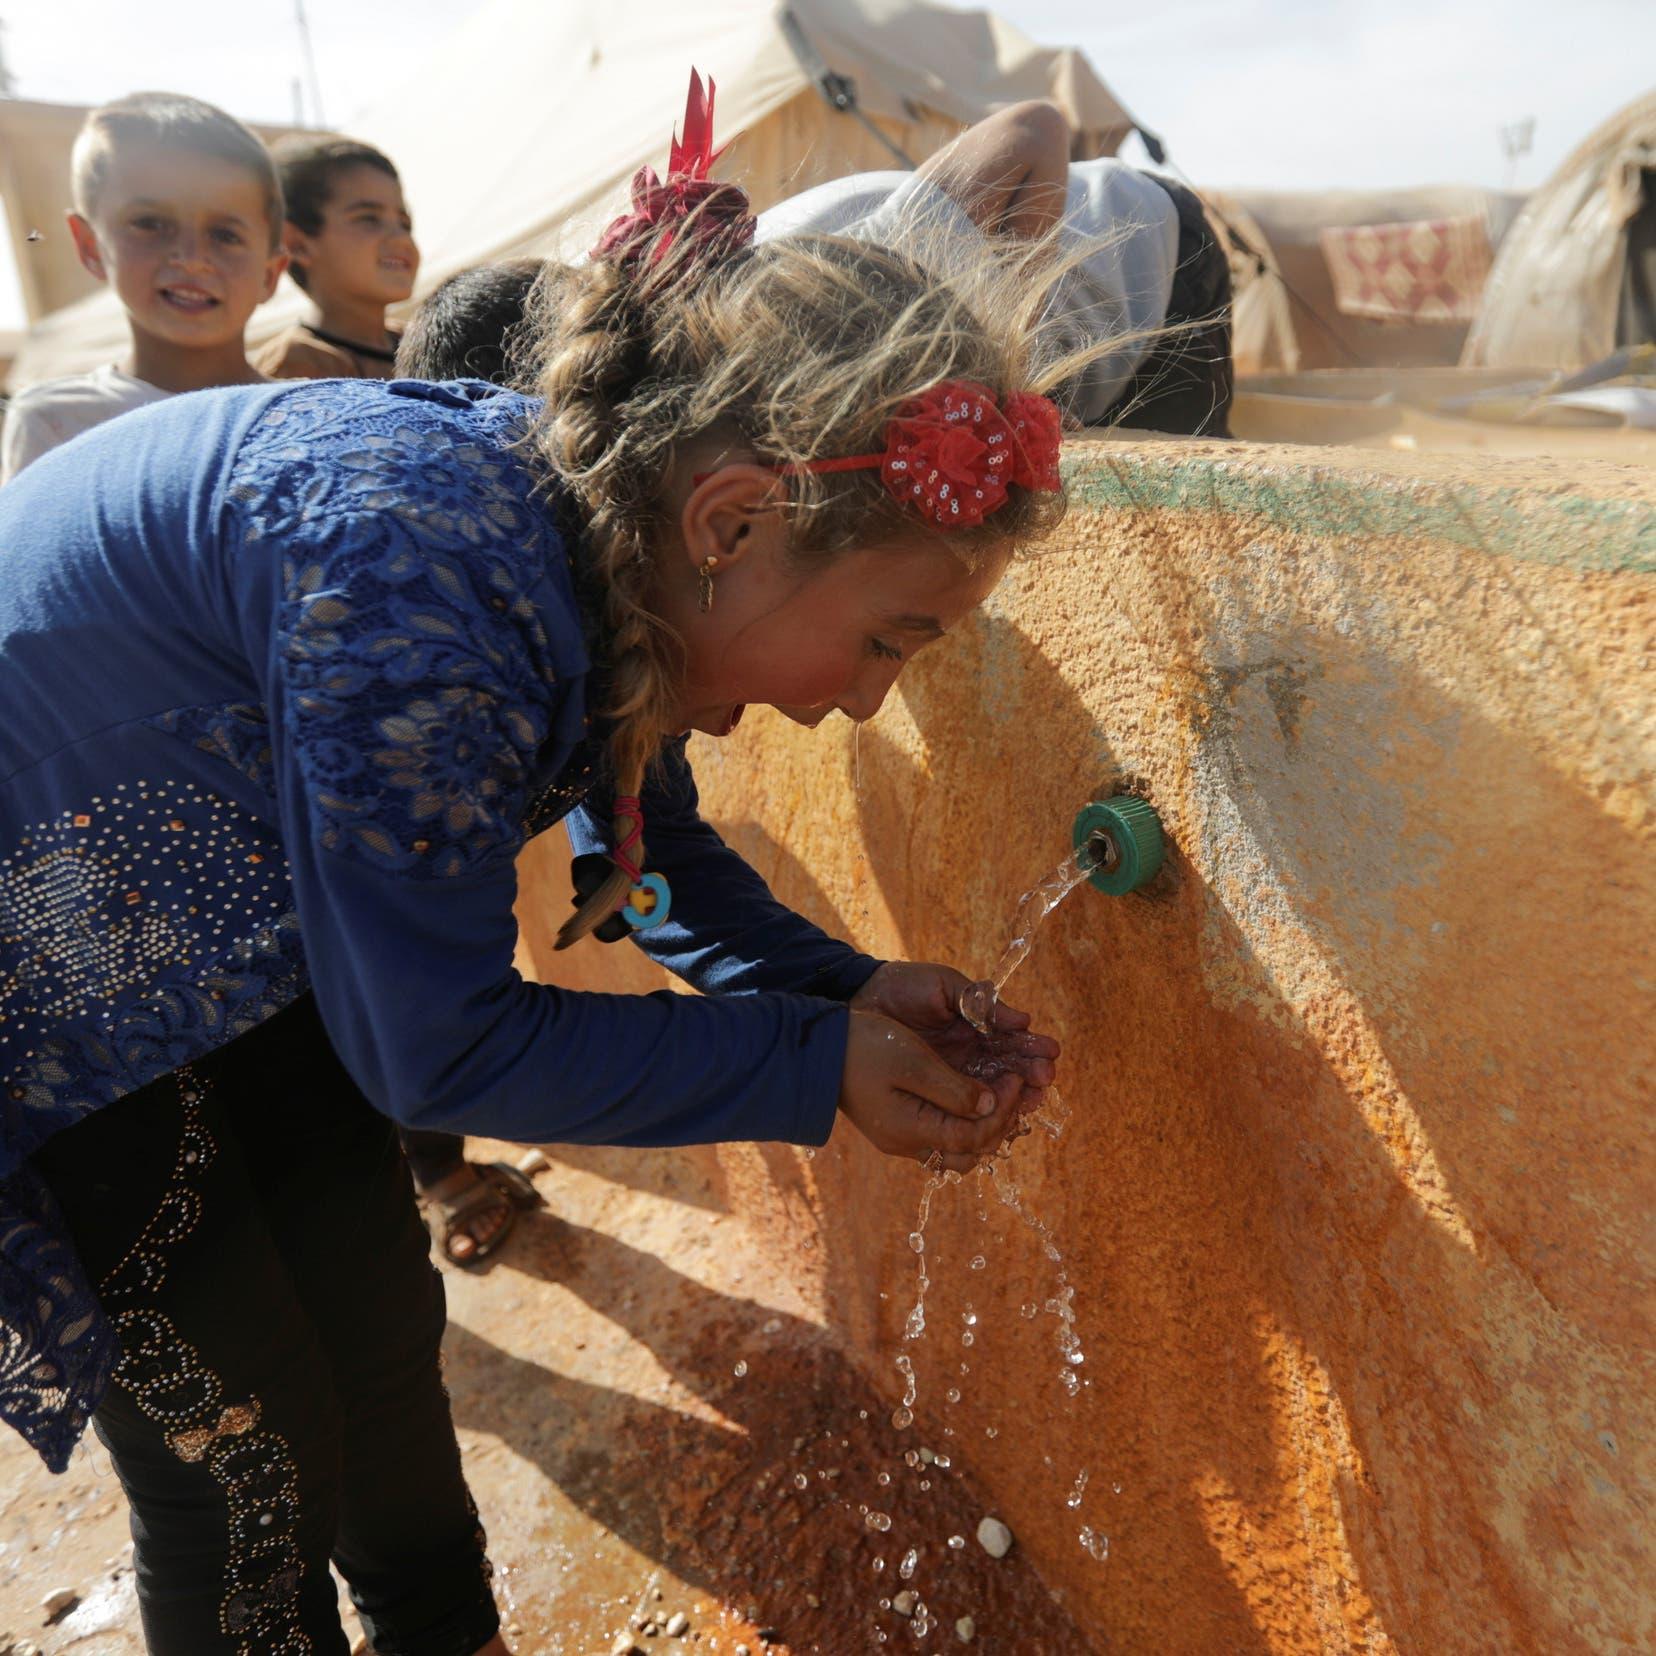 أزمة مياه حادة في شمال سوريا تُعرّض صحة السكان للخطر